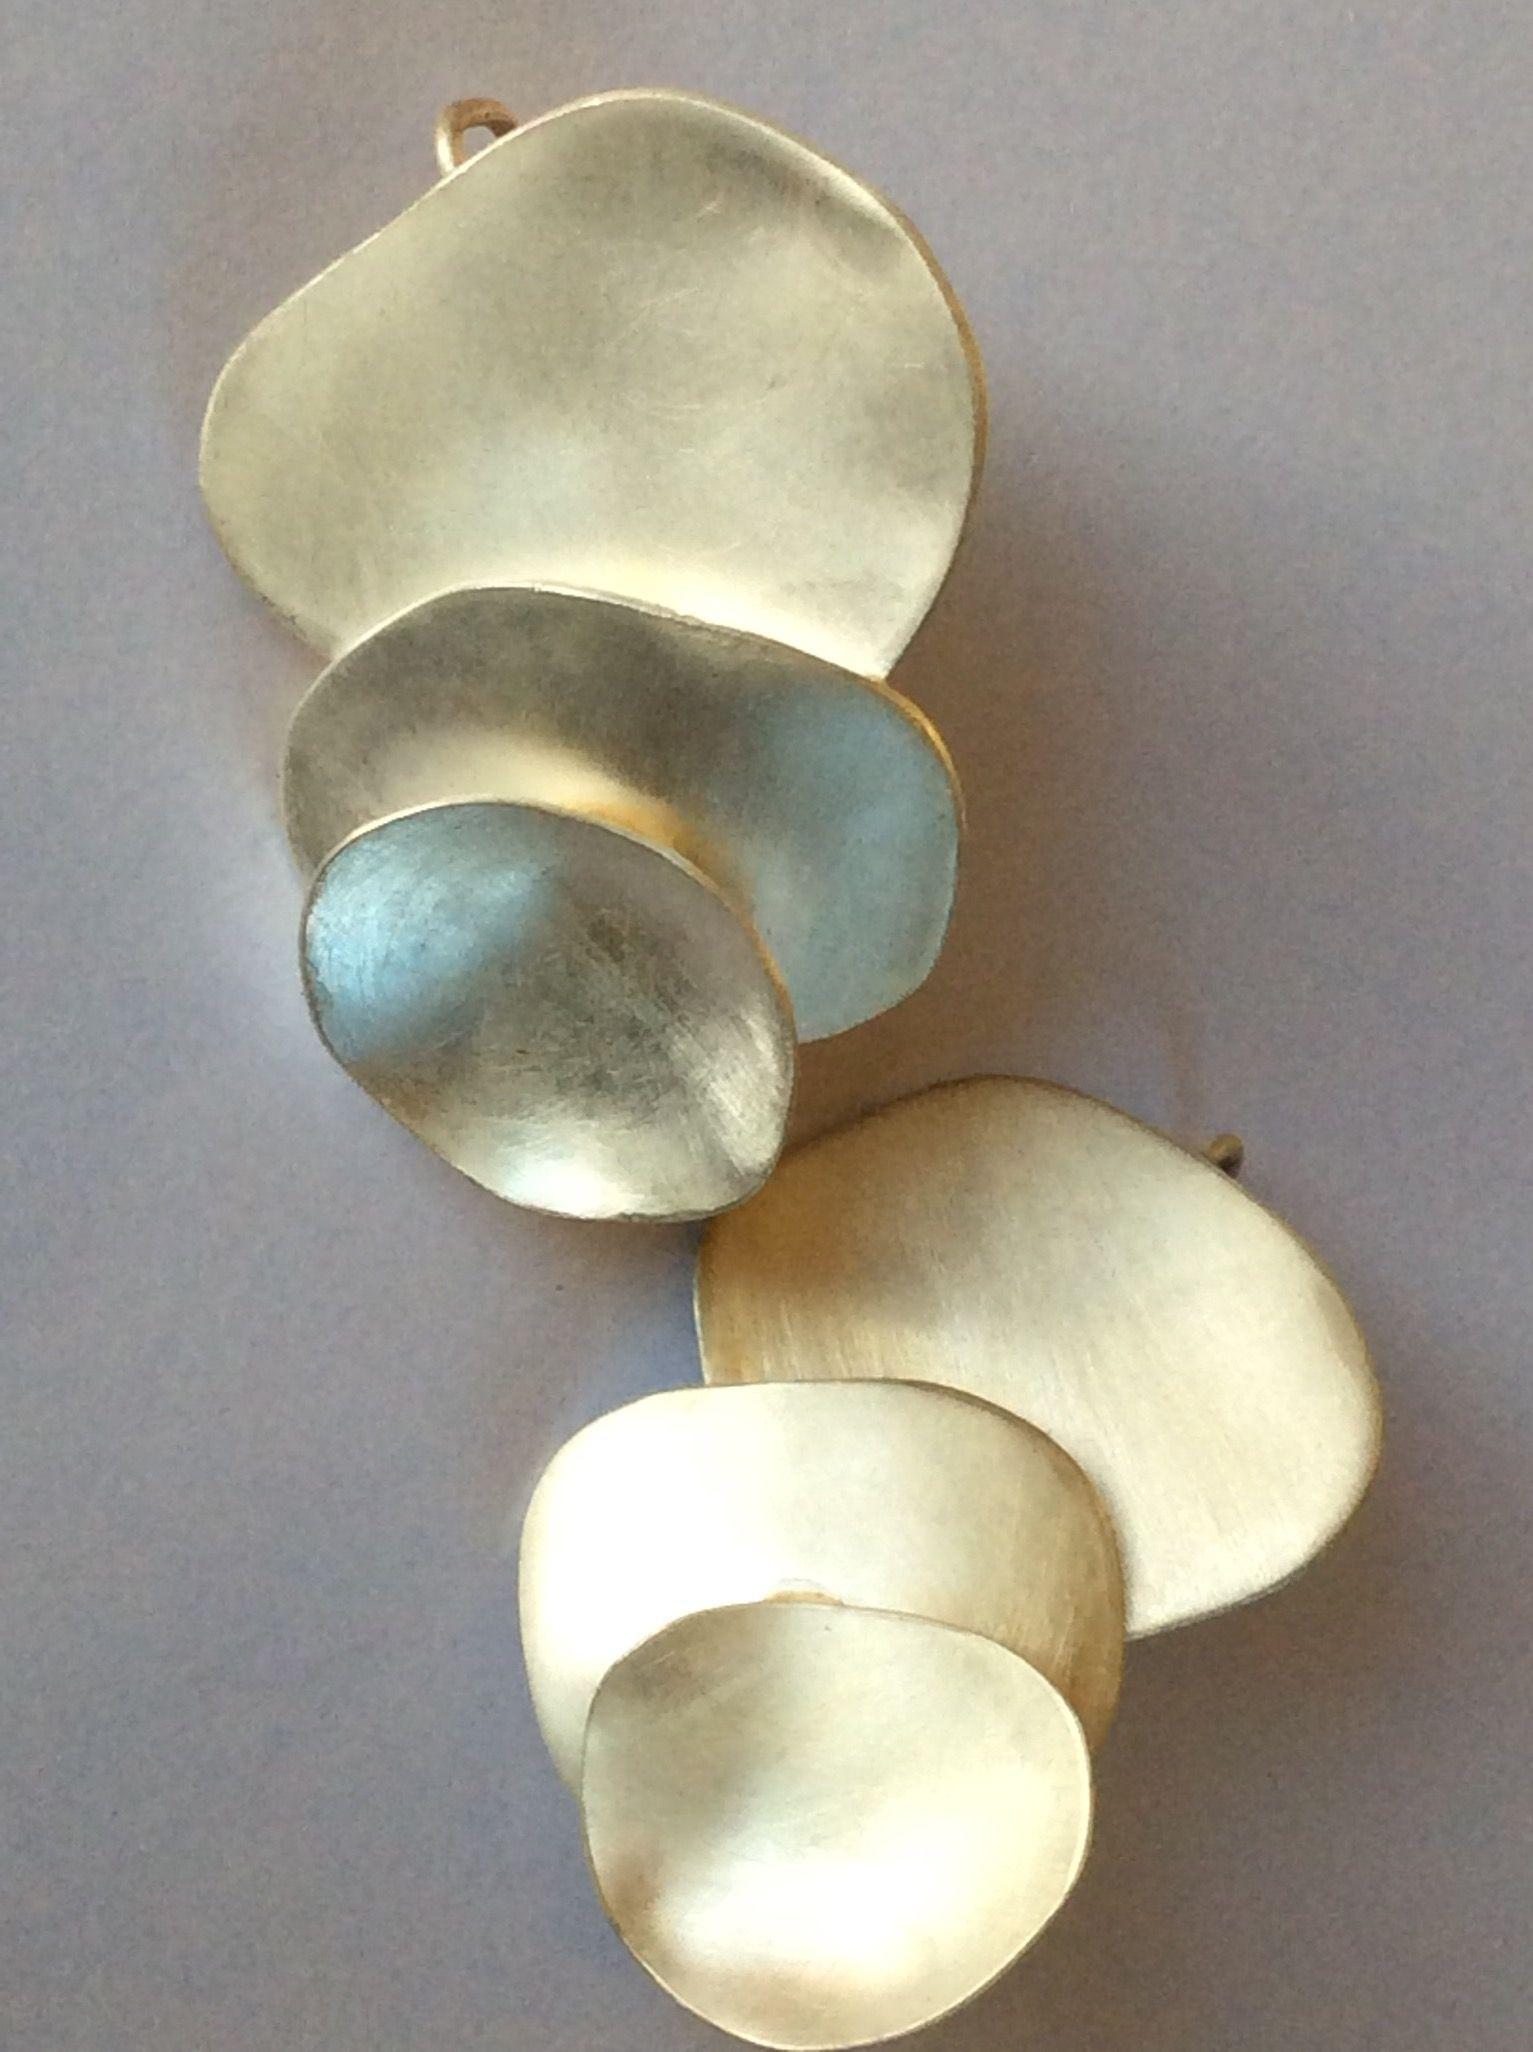 Pin van Lieselot Geeregat op ring - structuur in 2018  5367a73f8c070